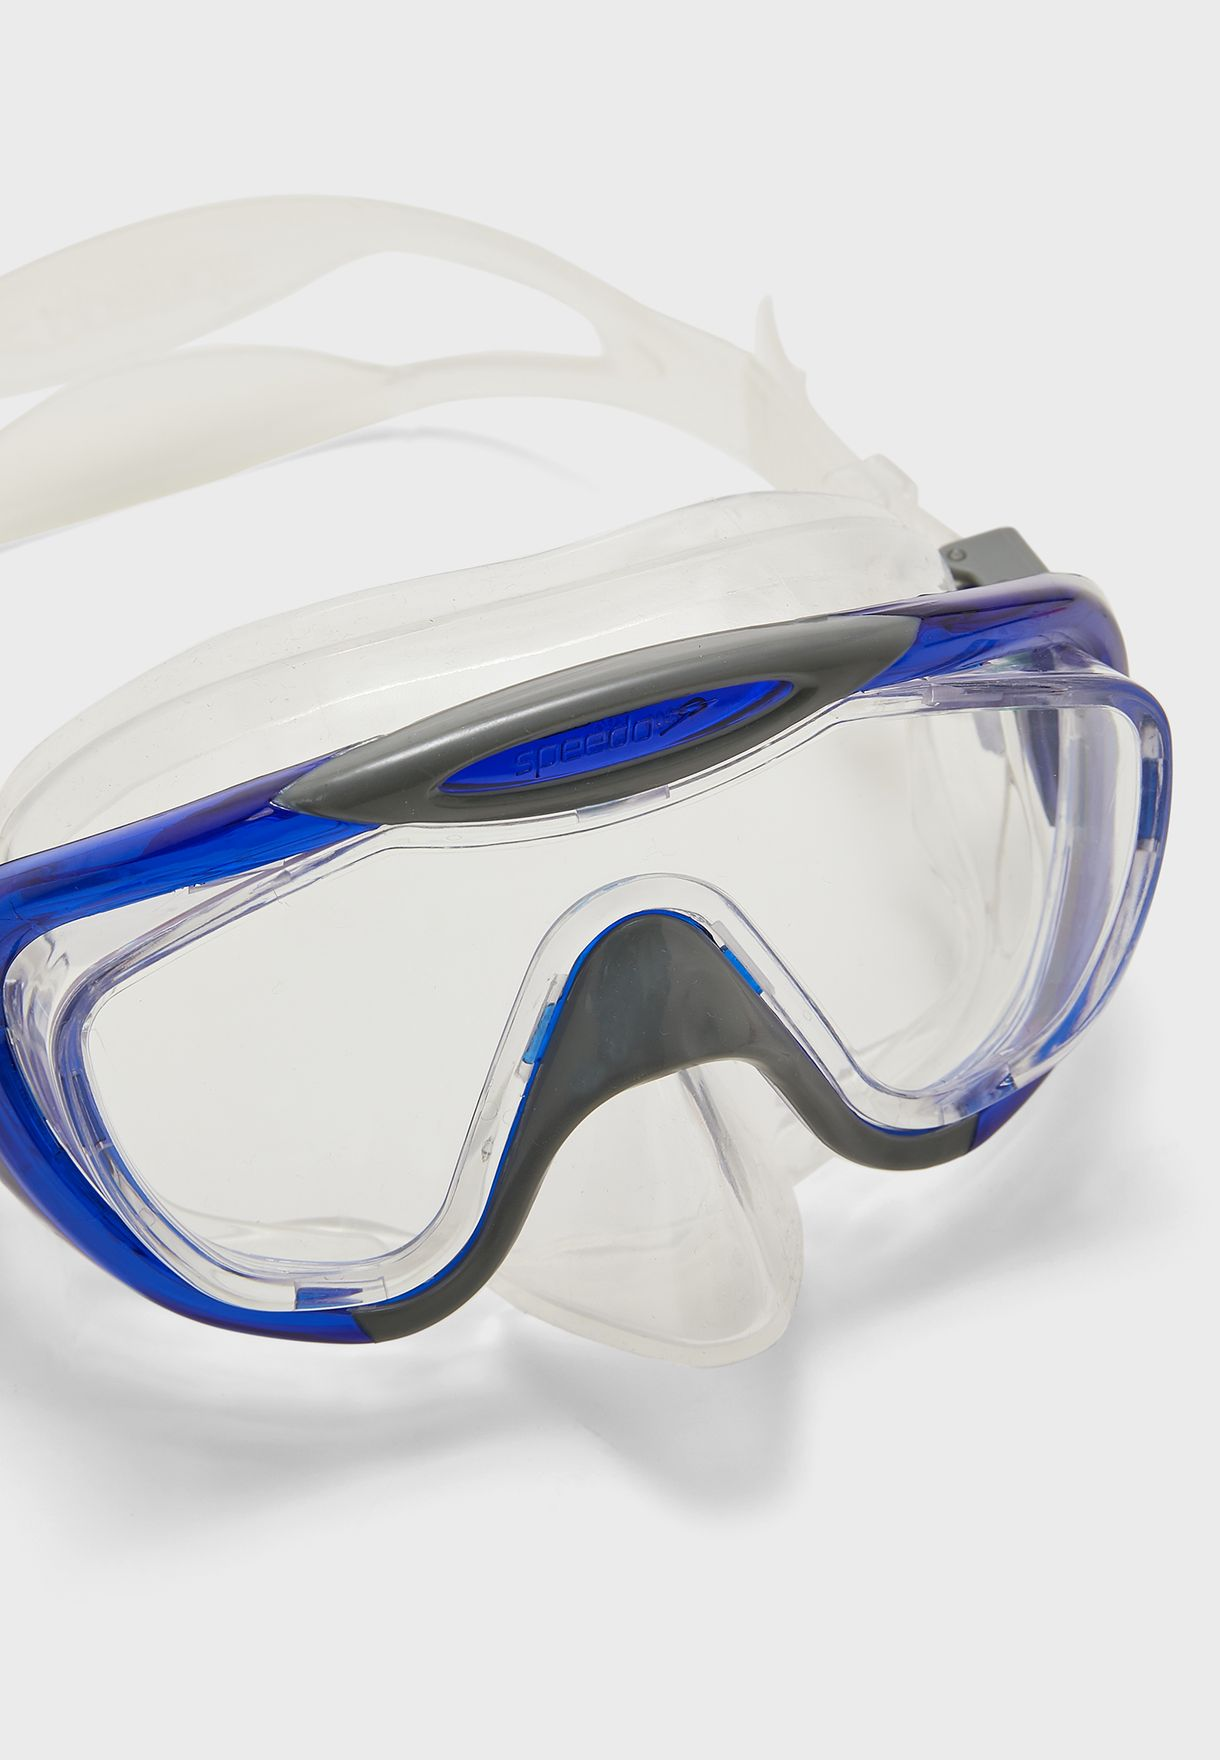 Glide Mask & Snorkel Set